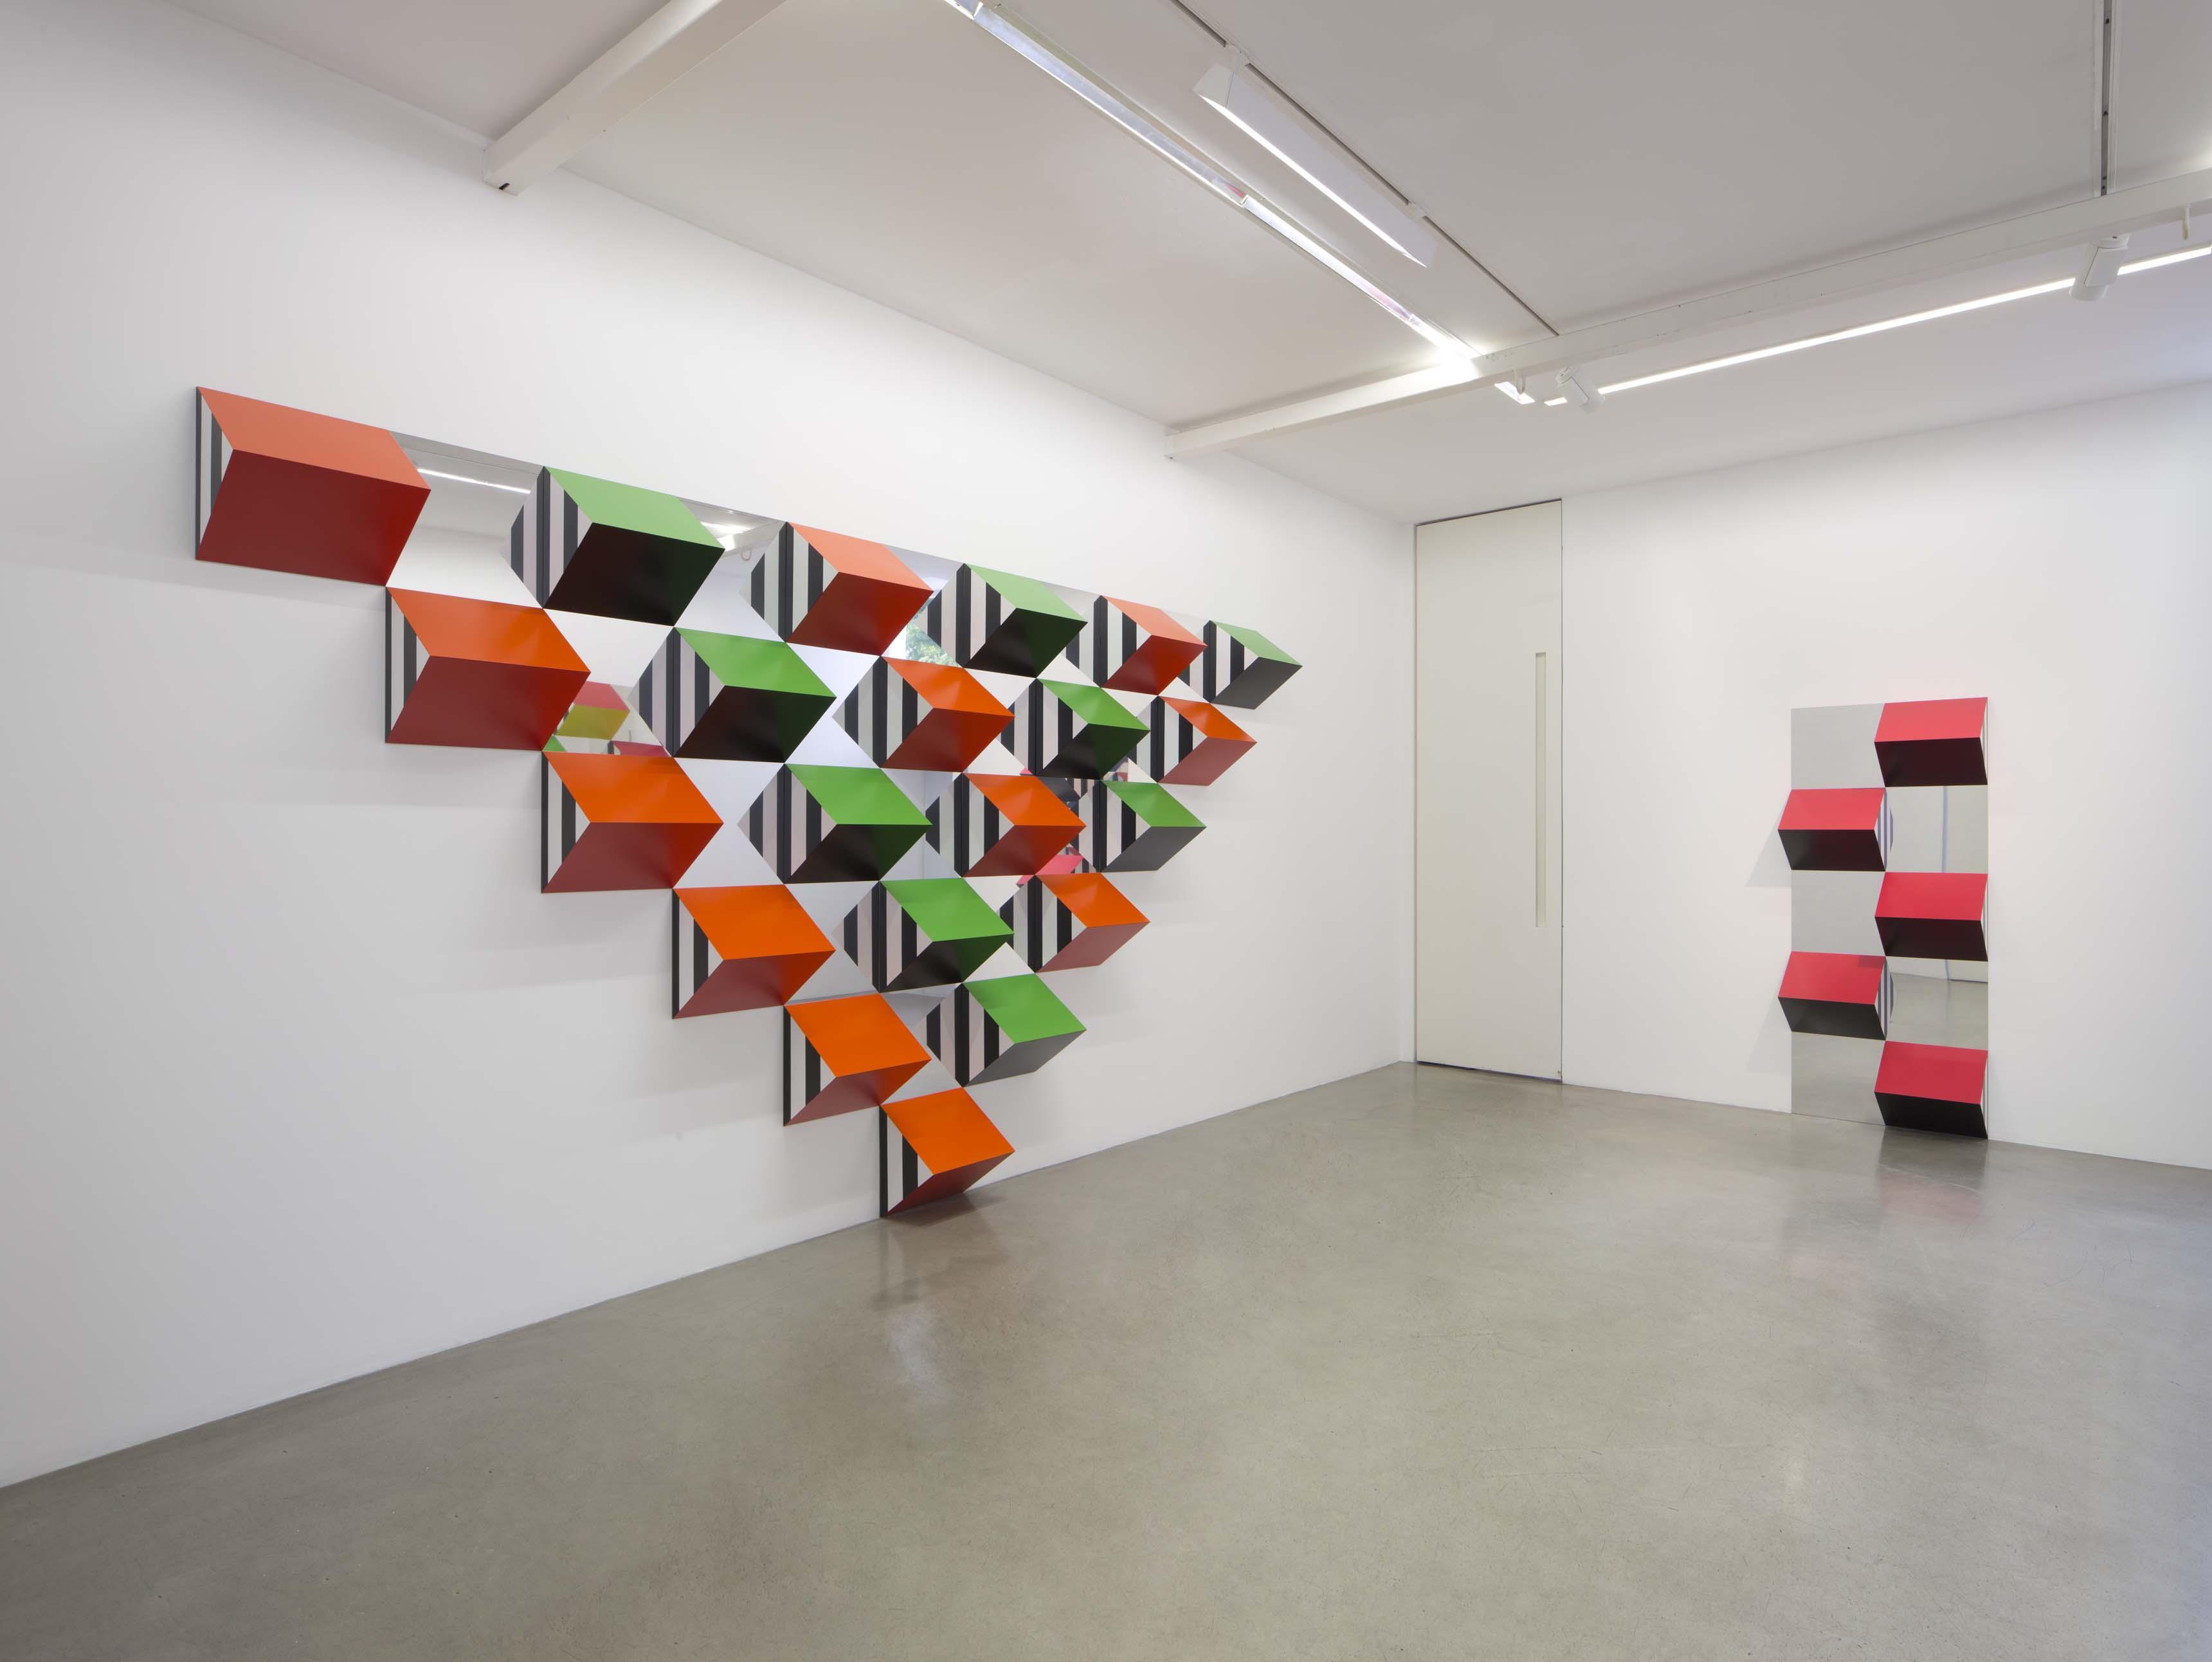 Vue de l'exposition « Pyramidal, hauts-reliefs, travaux in situ et situés, 2017 », Kamel Mennour (47 rue Saint‑André des arts), Paris, 2017